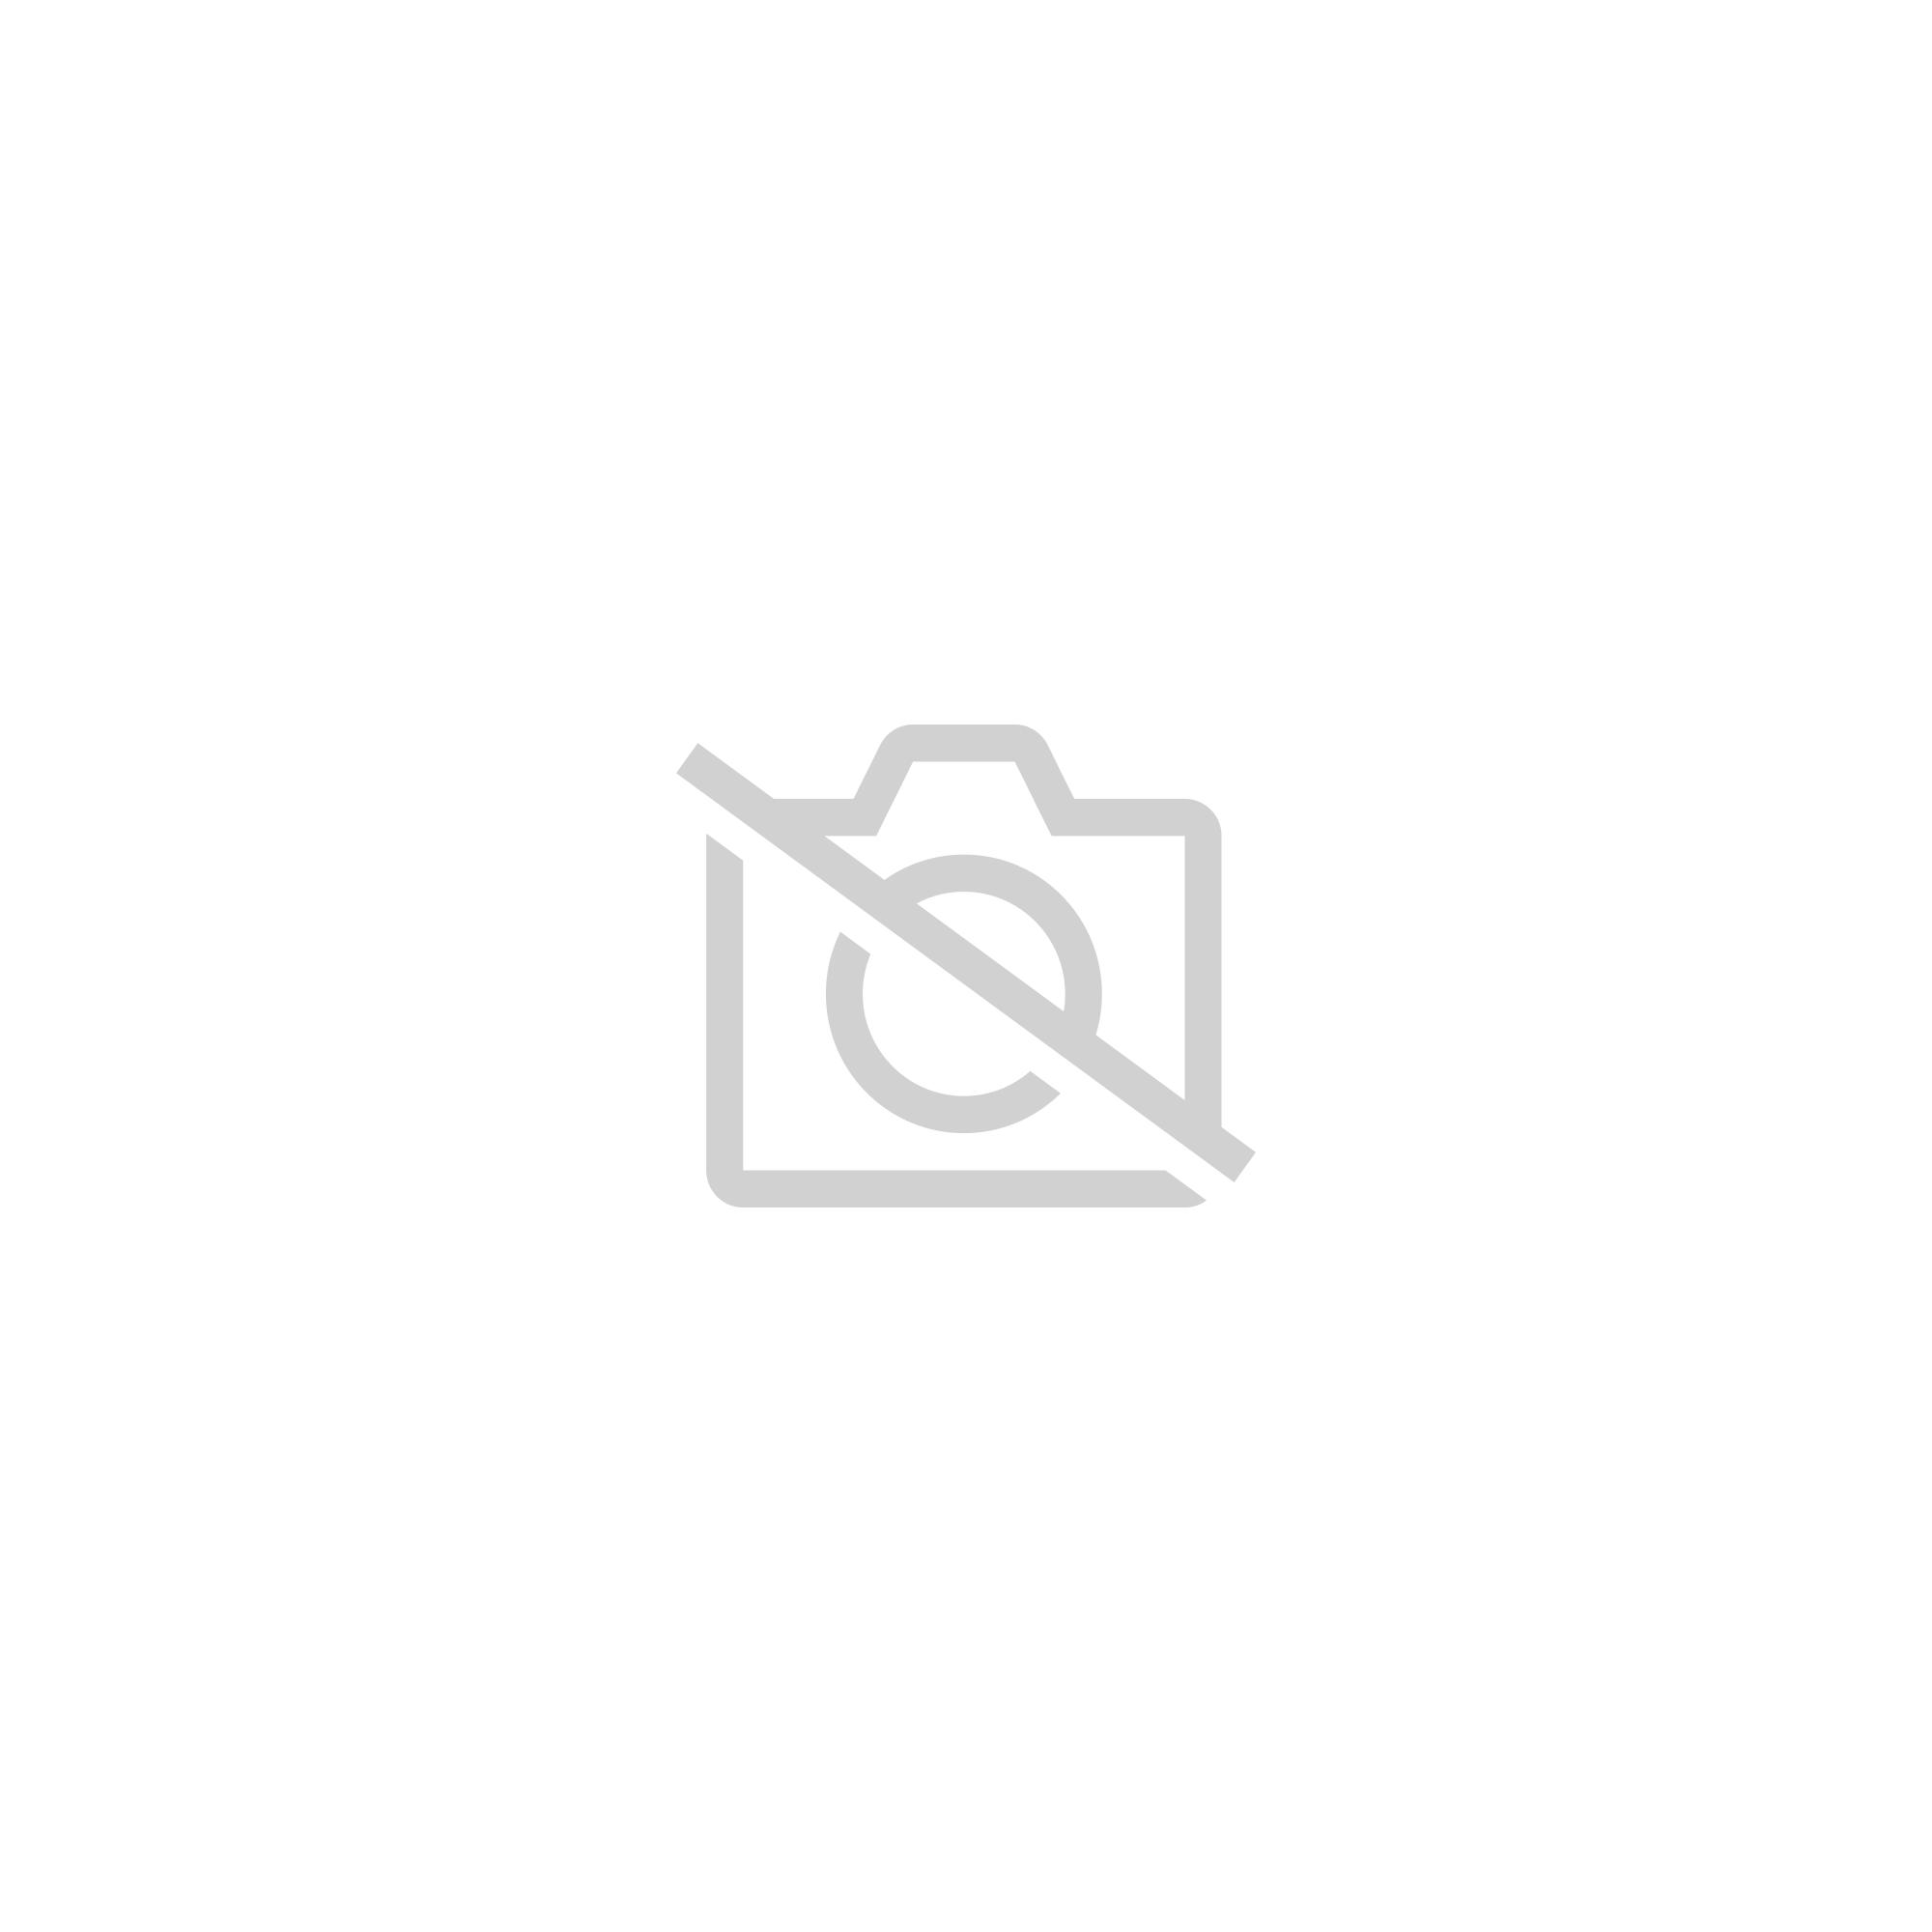 Spider-Man Petite Carabine Arbalete 19cm De Long Avec 2 Fleches